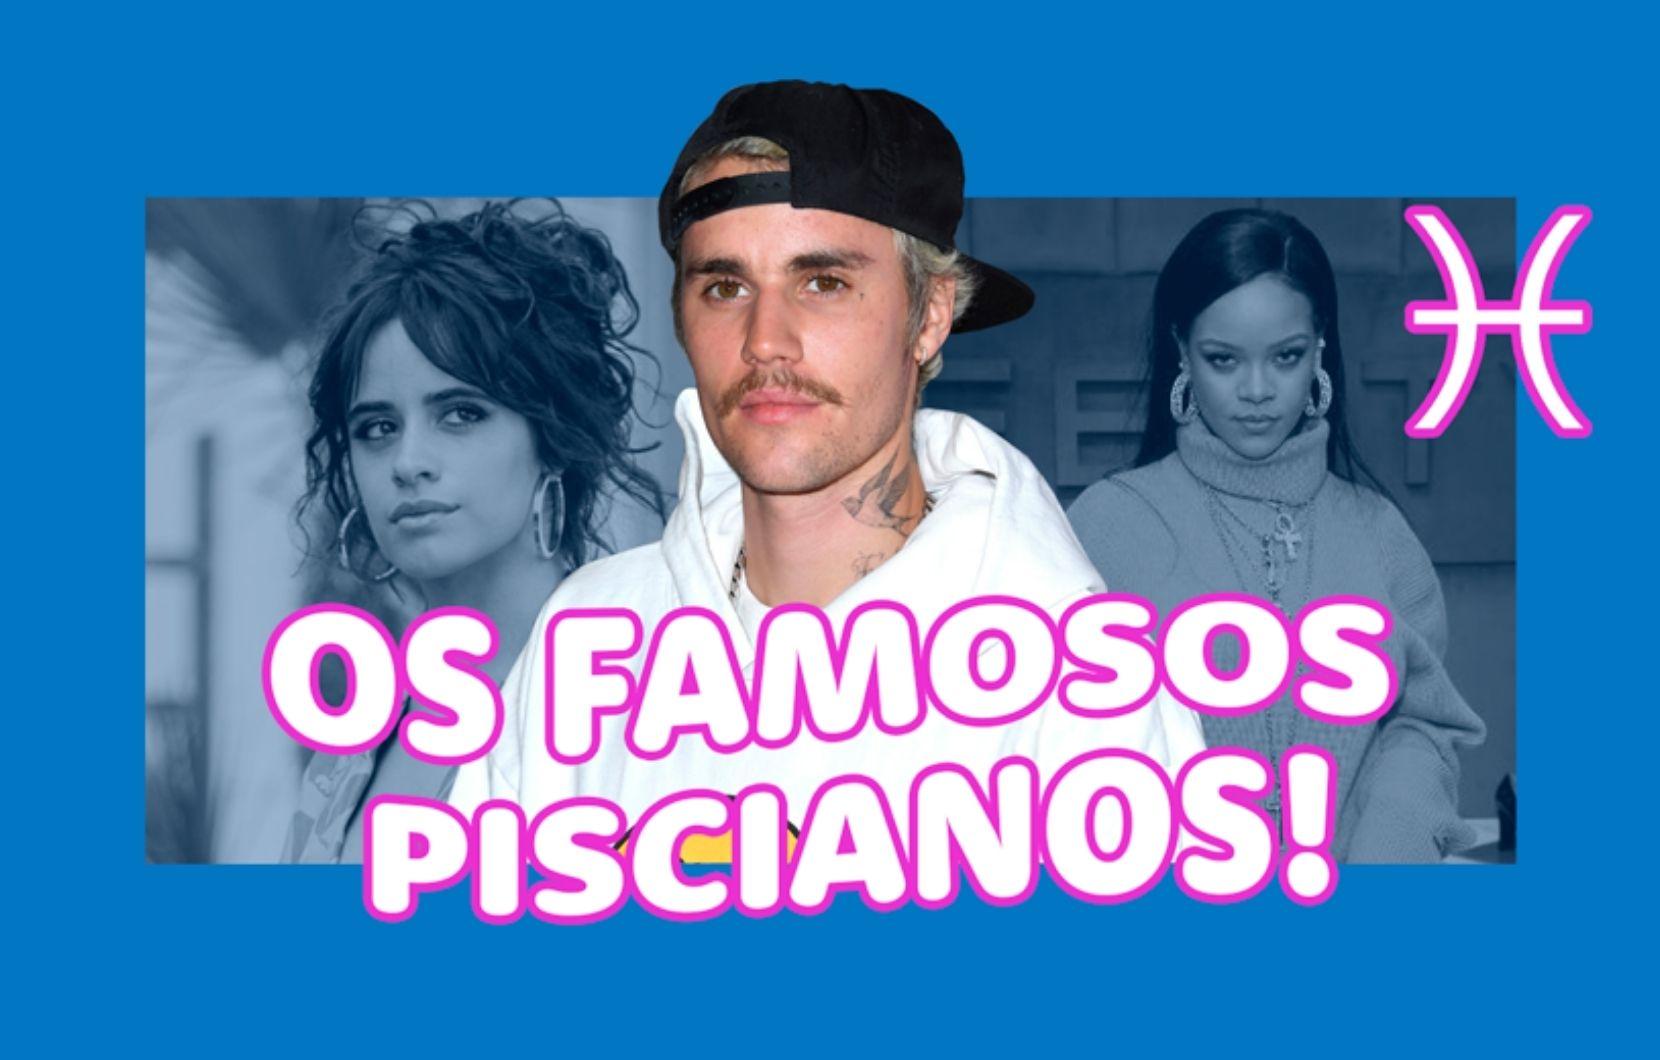 Justin Bieber, Rihanna e mais: conheça os famosos do signo de peixes